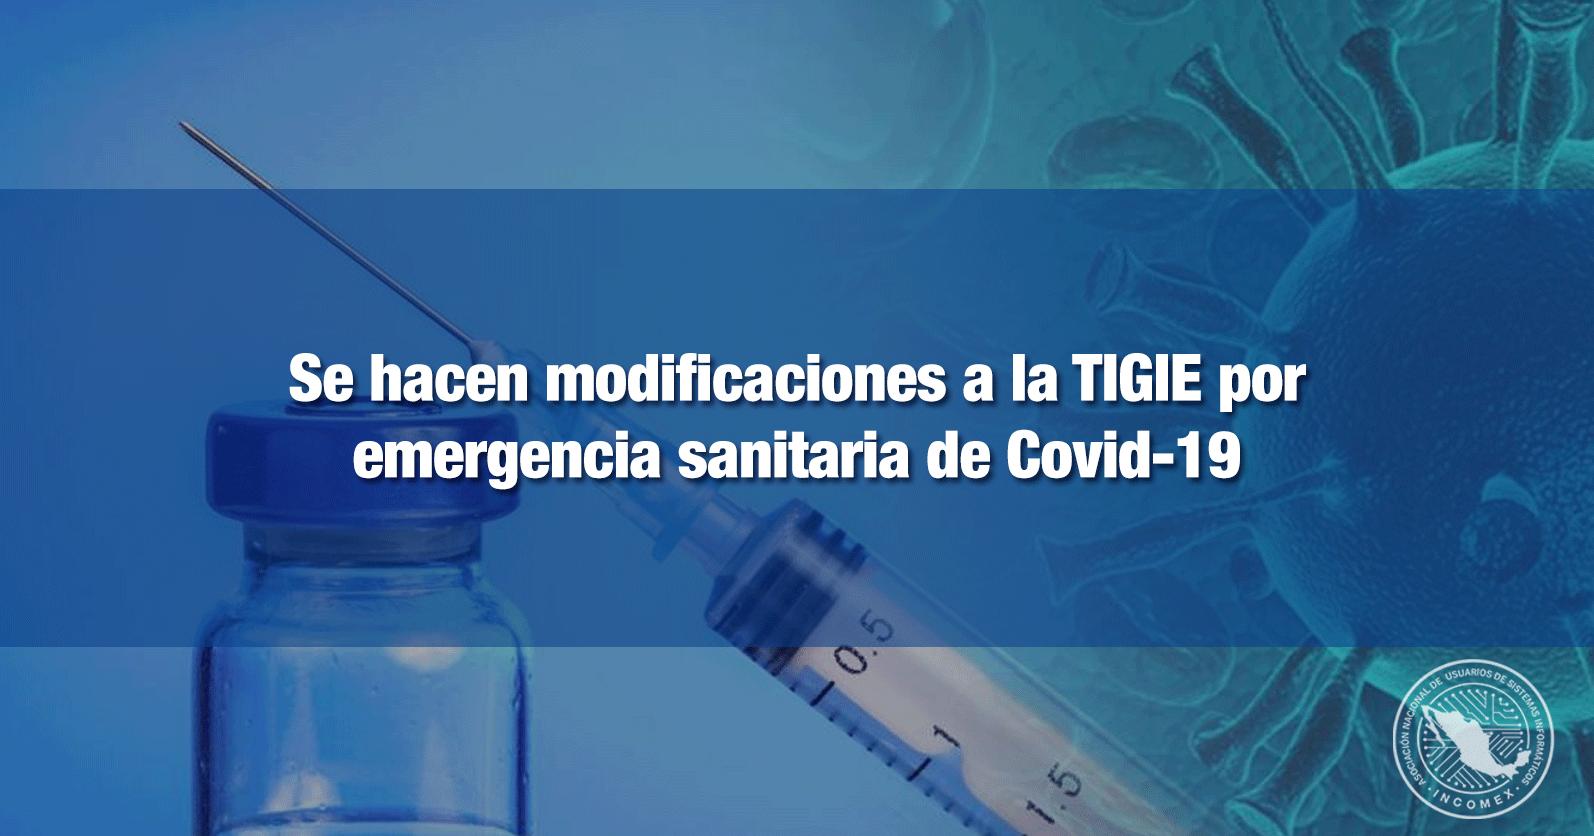 Se hacen modificaciones a la TIGIE por emergencia sanitaria de Covid-19